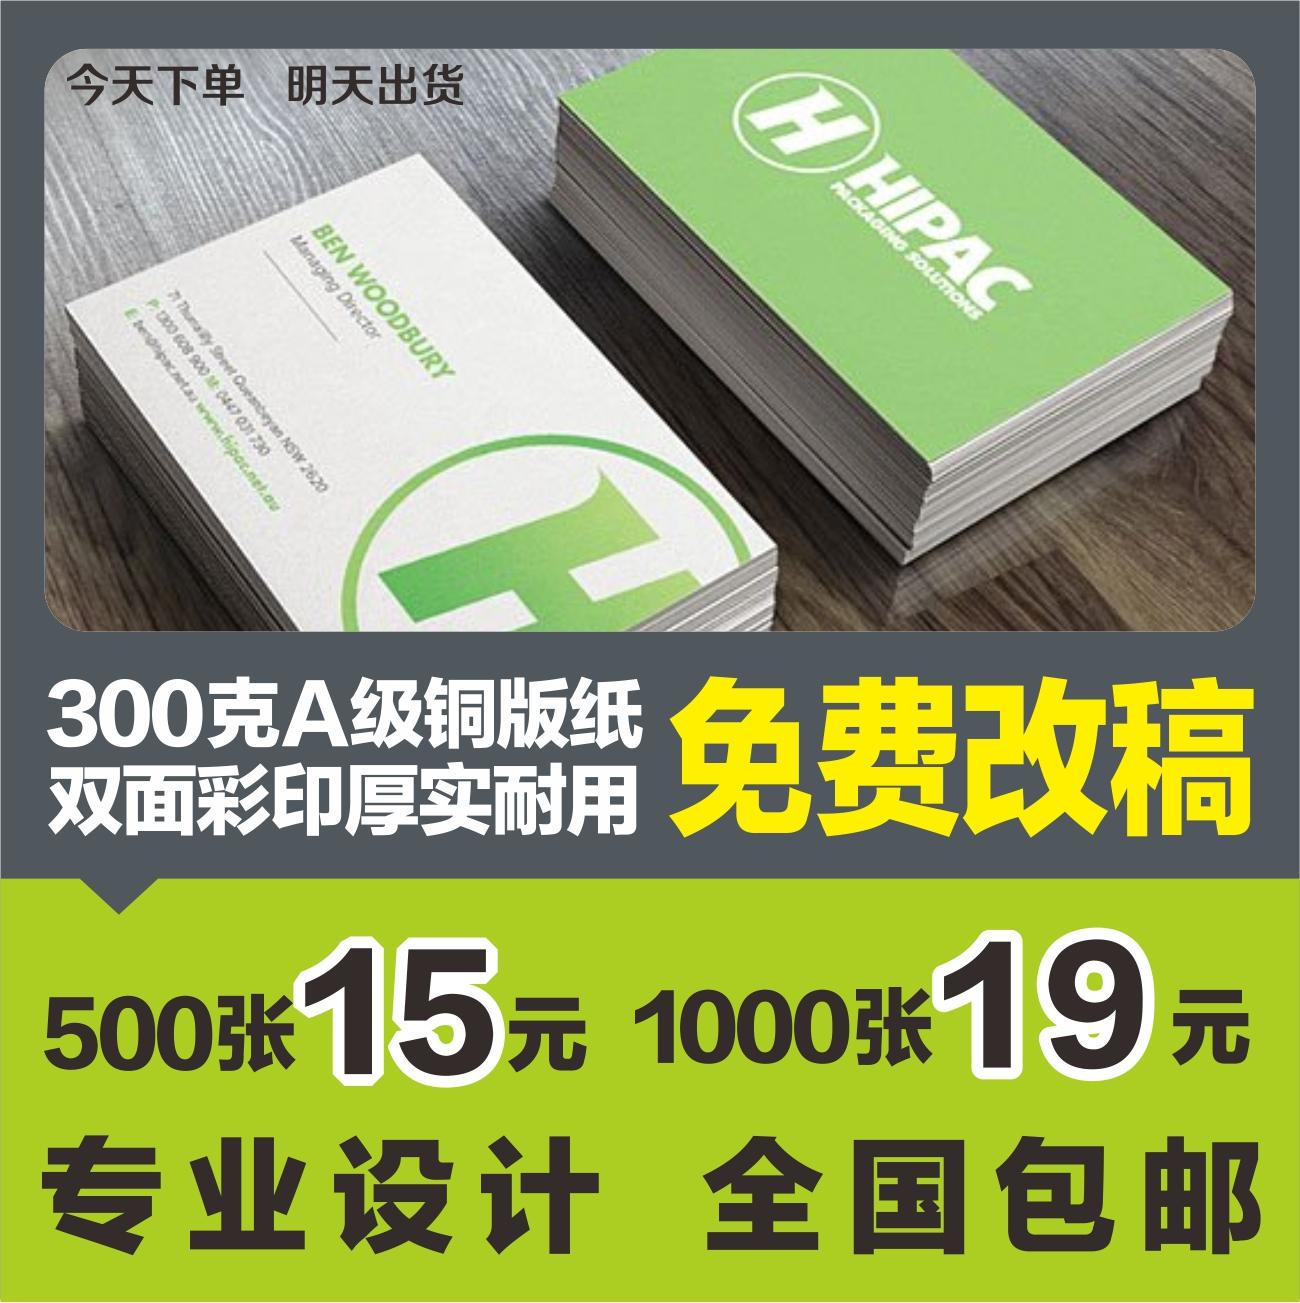 Высококачественный двухмерный штриховой код дуплекс цвет визитная карточка производство бесплатно дизайн бесплатная доставка льготный ваучер билет печать сделанный на заказ печать